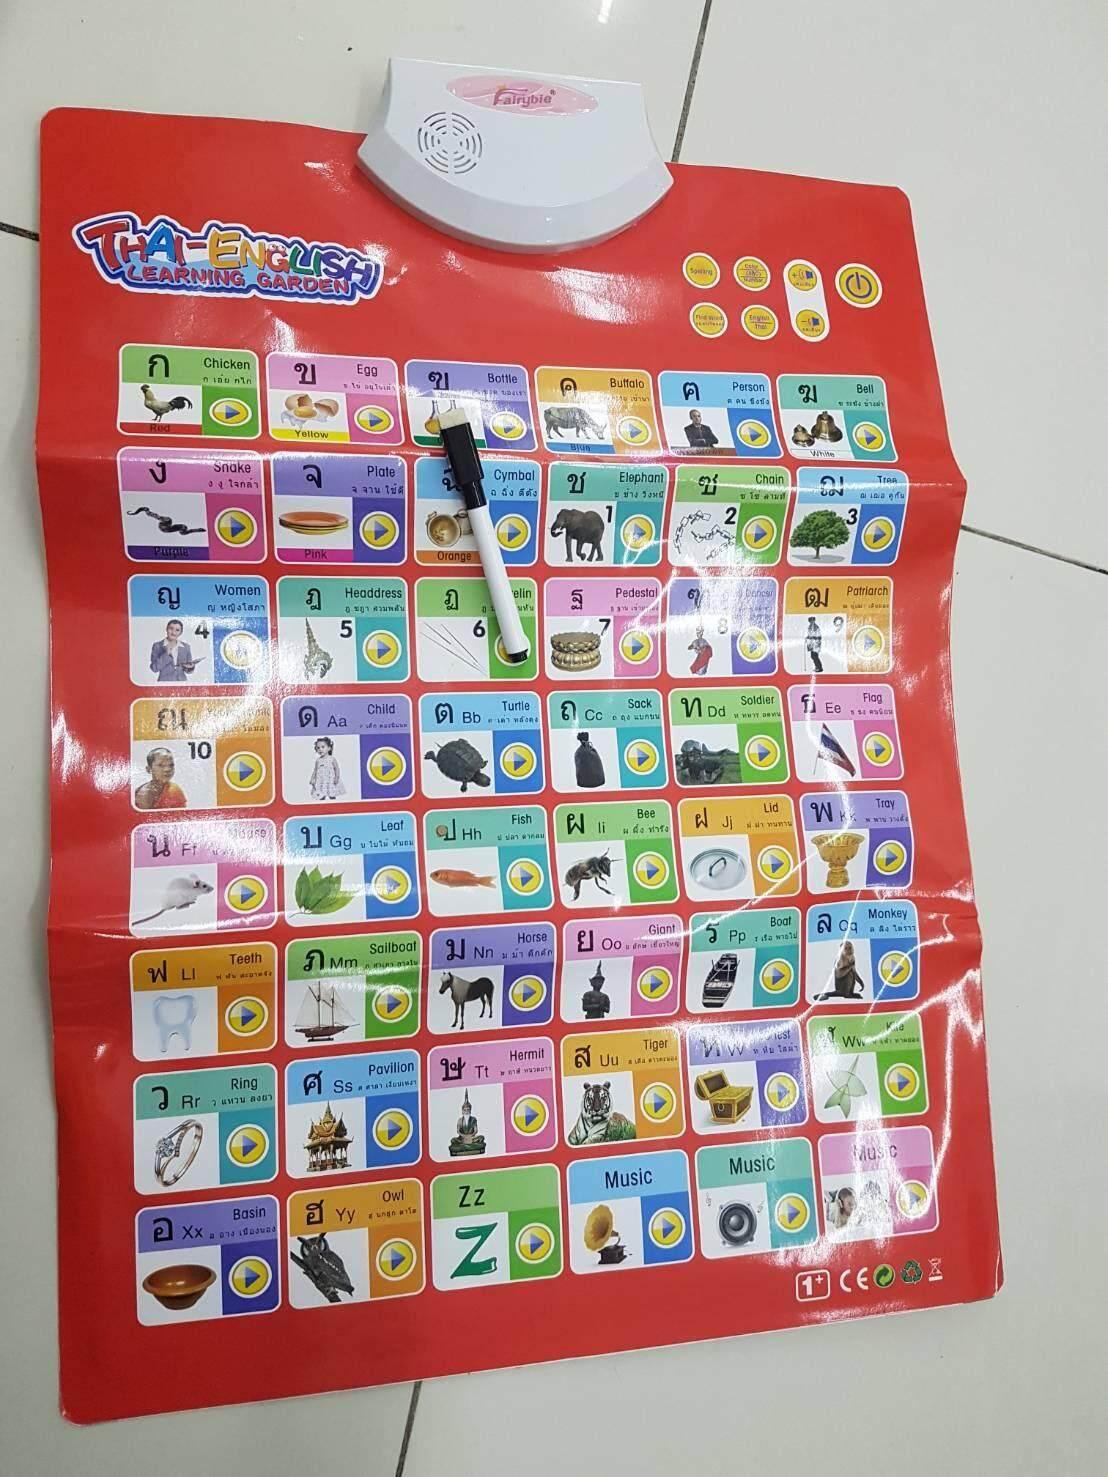 Fairybie กระดานเรียนภาษาไทย-อังกฤษ ระบบสัมผัส หนังสือเรียนอิเลคโทรนิคส์ เรียนรุ้ อ่าน เขียนไทย-อังกฤษ จดจำ ออกเสียง พร้อมเสียงเพลง พร้อมกระดานฝึกเขียนตัวหนังสือ ช่วยให้เการเรียนรู้มีชีวิตชีวา เหมาะสำหรับเด็ก3 ขวบขึ้นไป Bs-29.